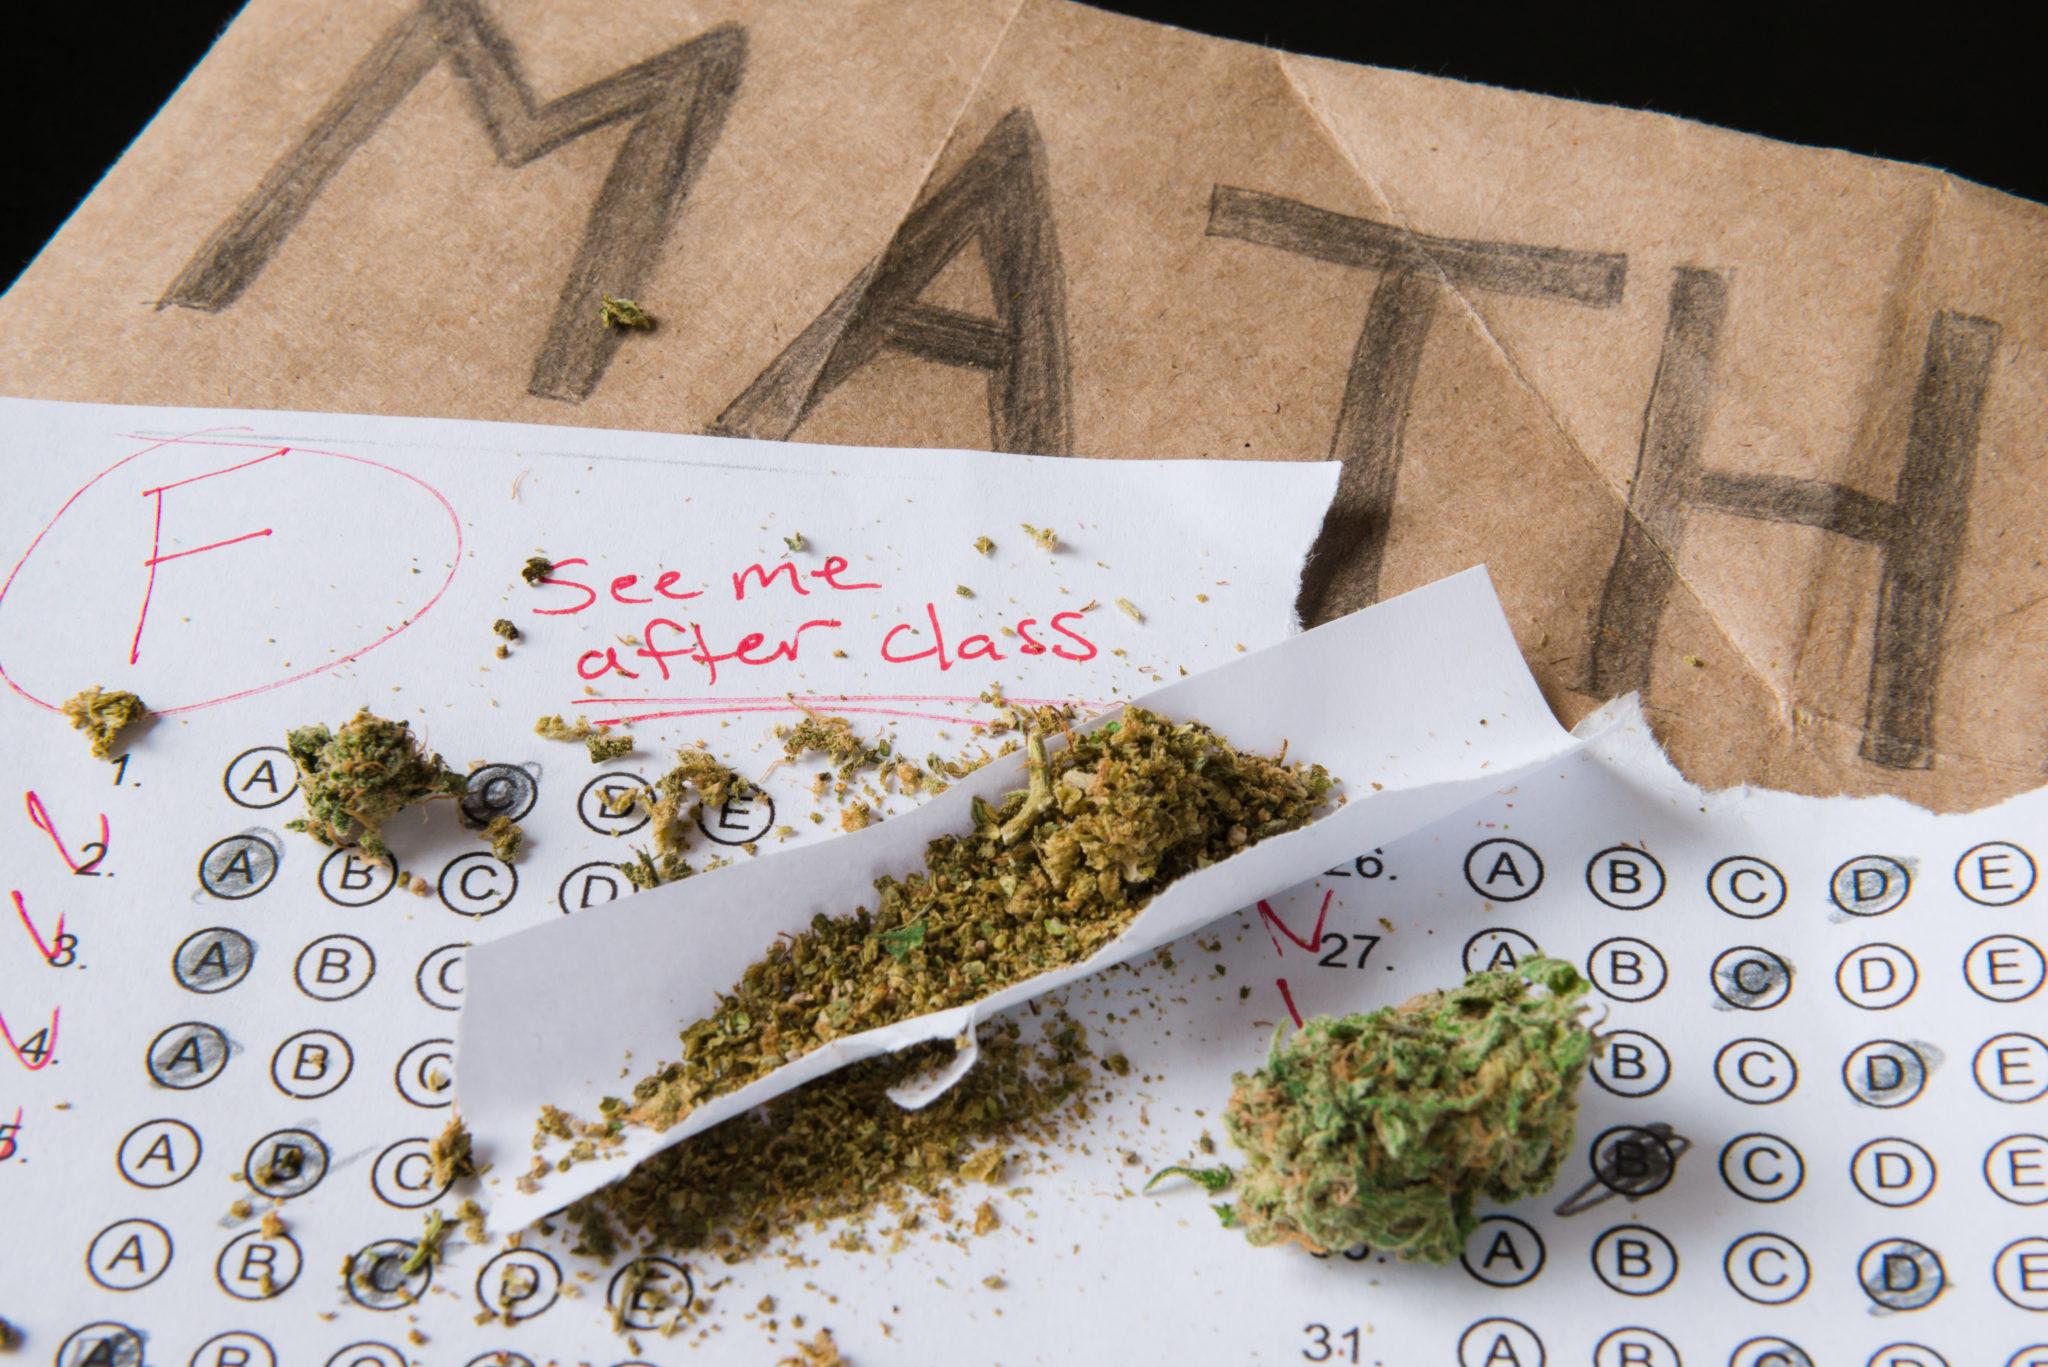 A failed test on a math book with Marijuana.